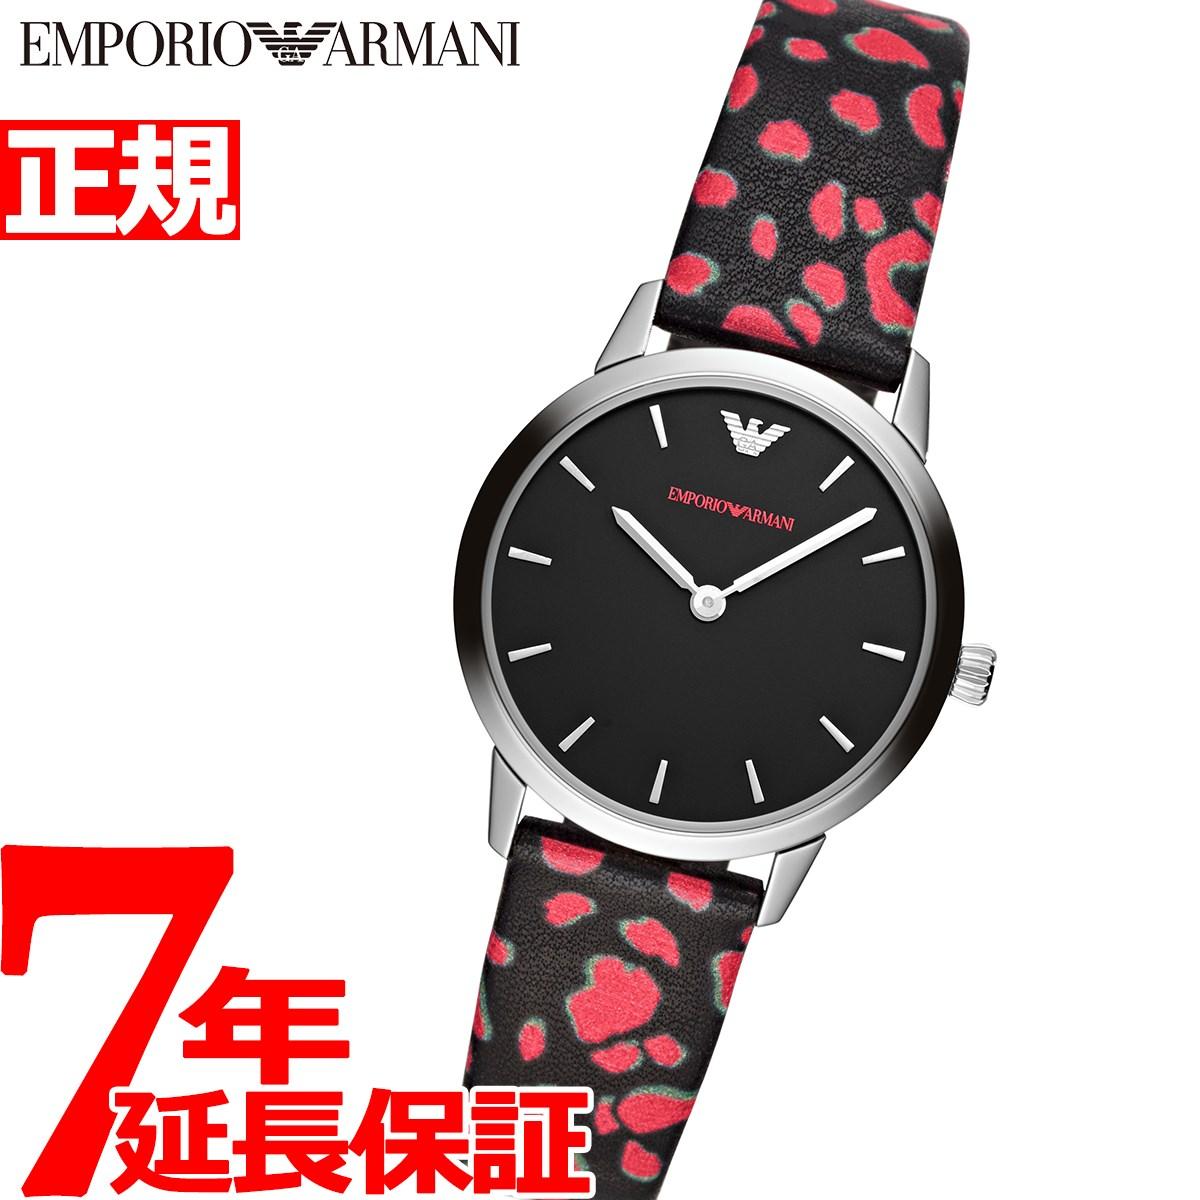 【5日0時~♪10%OFFクーポン&店内ポイント最大51倍!5日23時59分まで】エンポリオアルマーニ EMPORIO ARMANI 腕時計 レディース AR11262